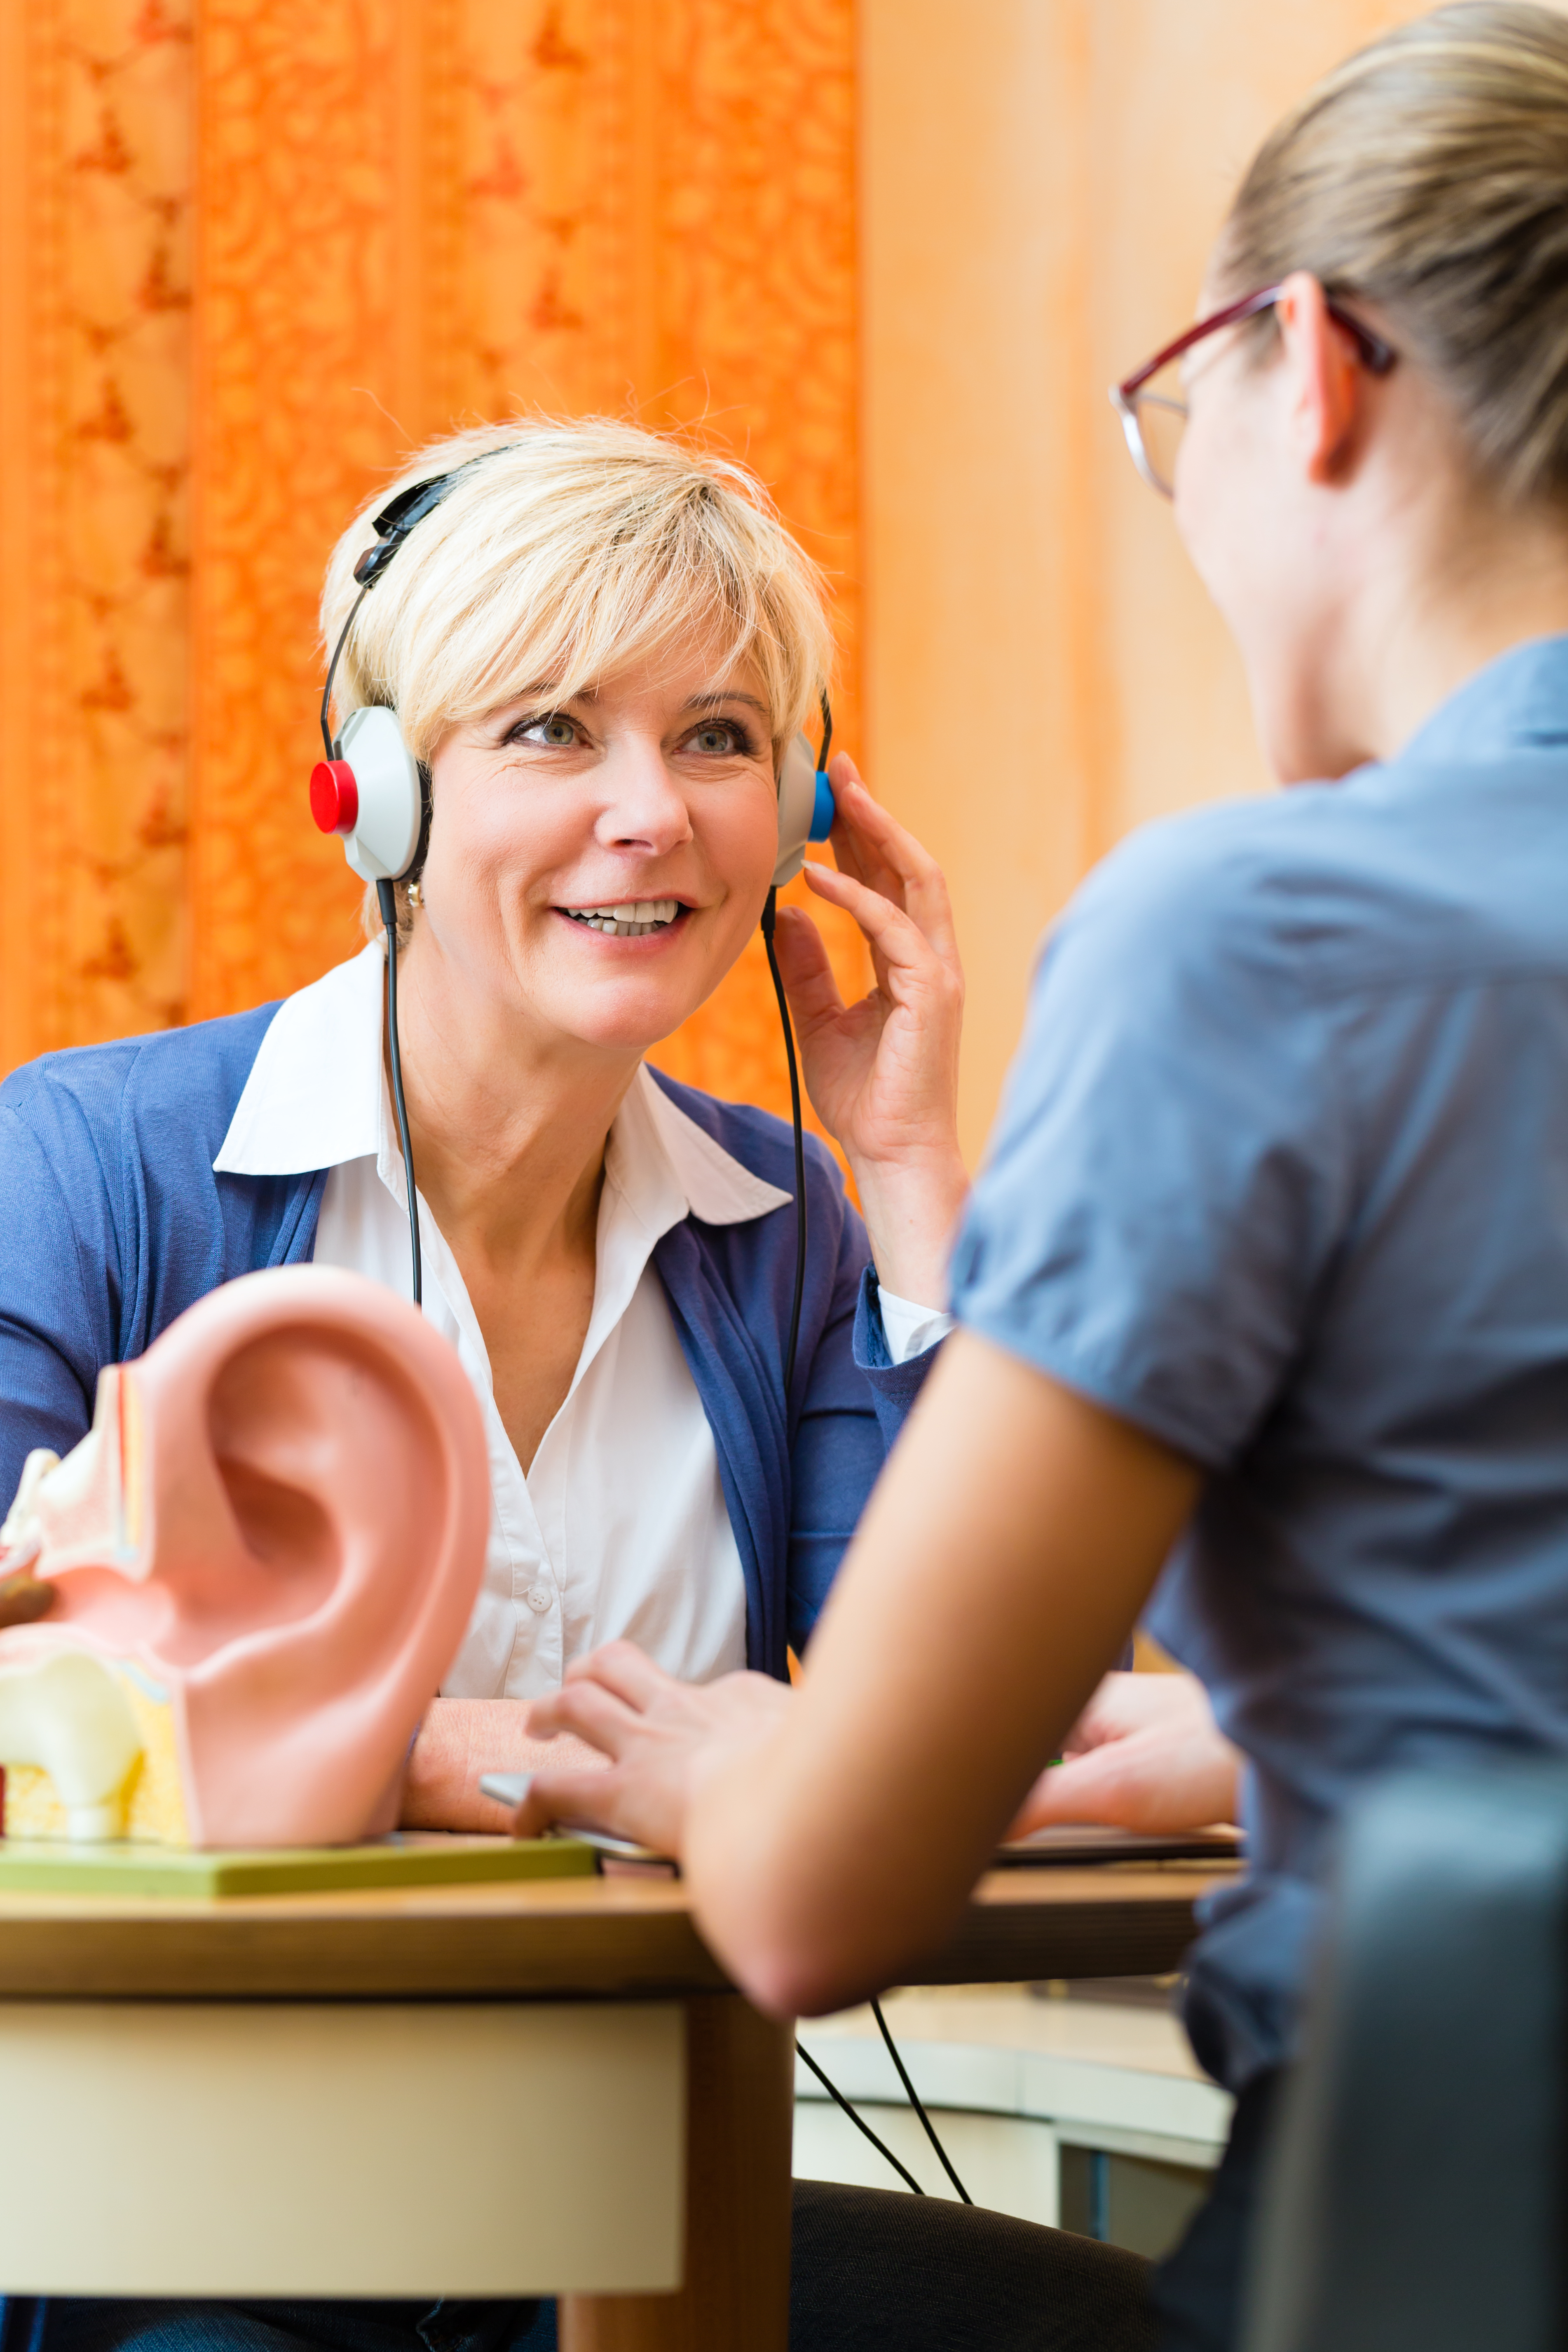 Hearing test in progress